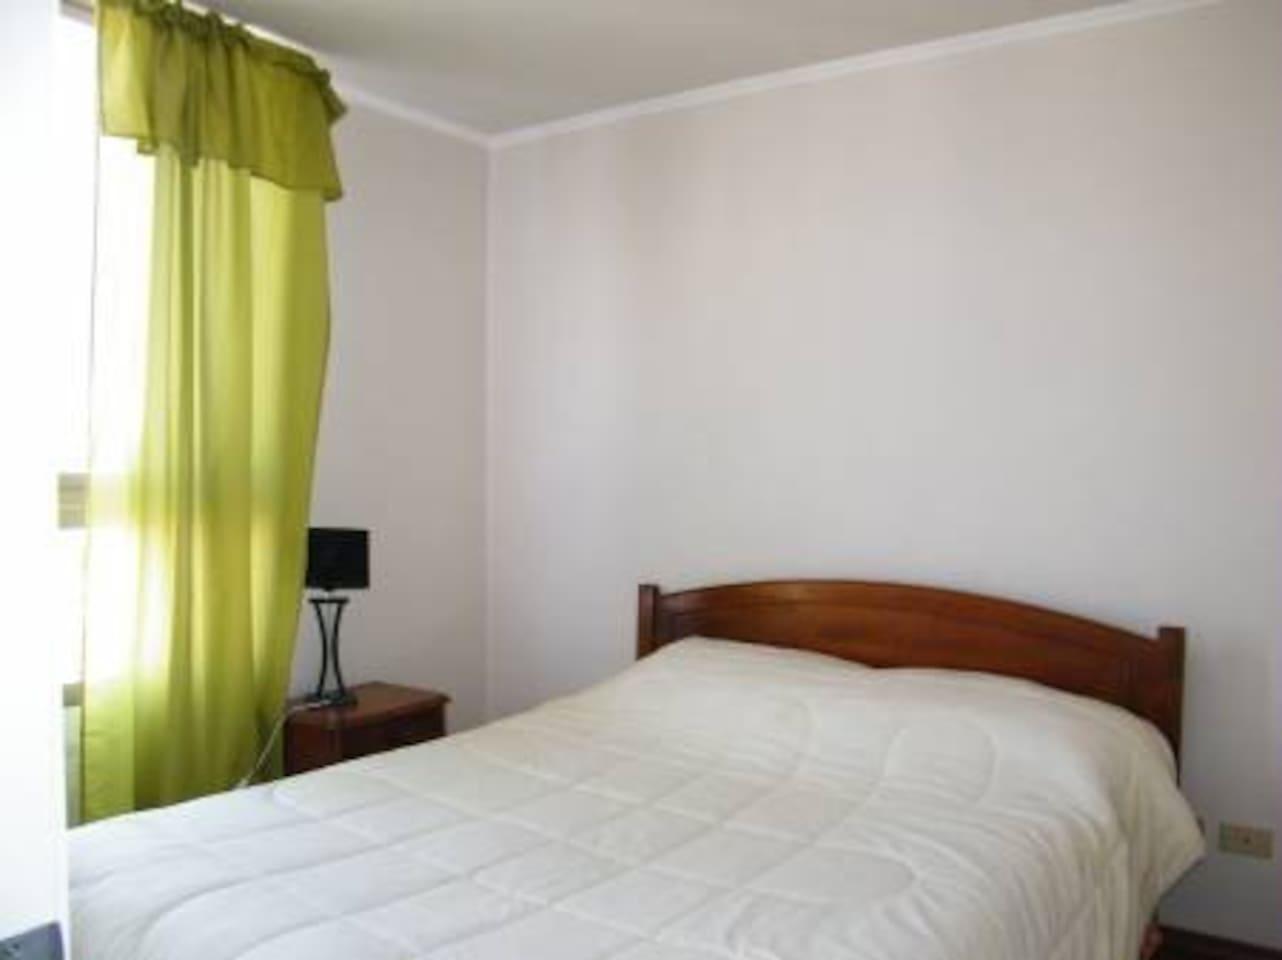 Habitación con cama dos plazas y baño en suite.